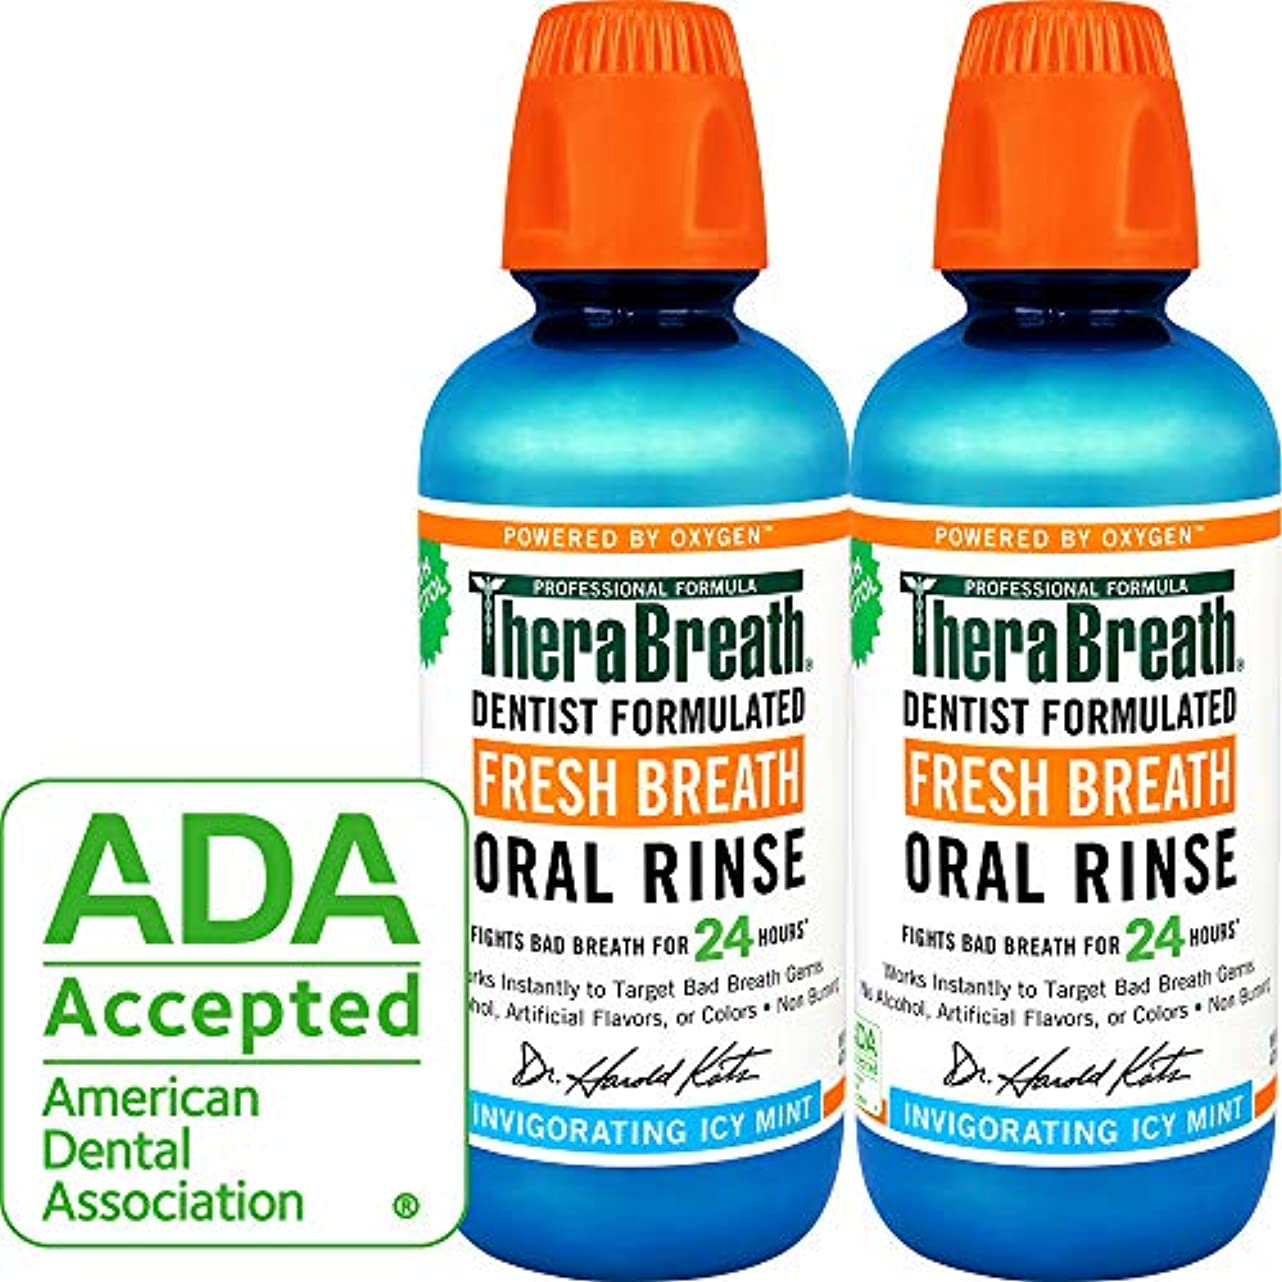 悲観主義者悪化する刺すThera Breath ORAL RINSEミントフレーバー 473ml 2本[並行輸入品]